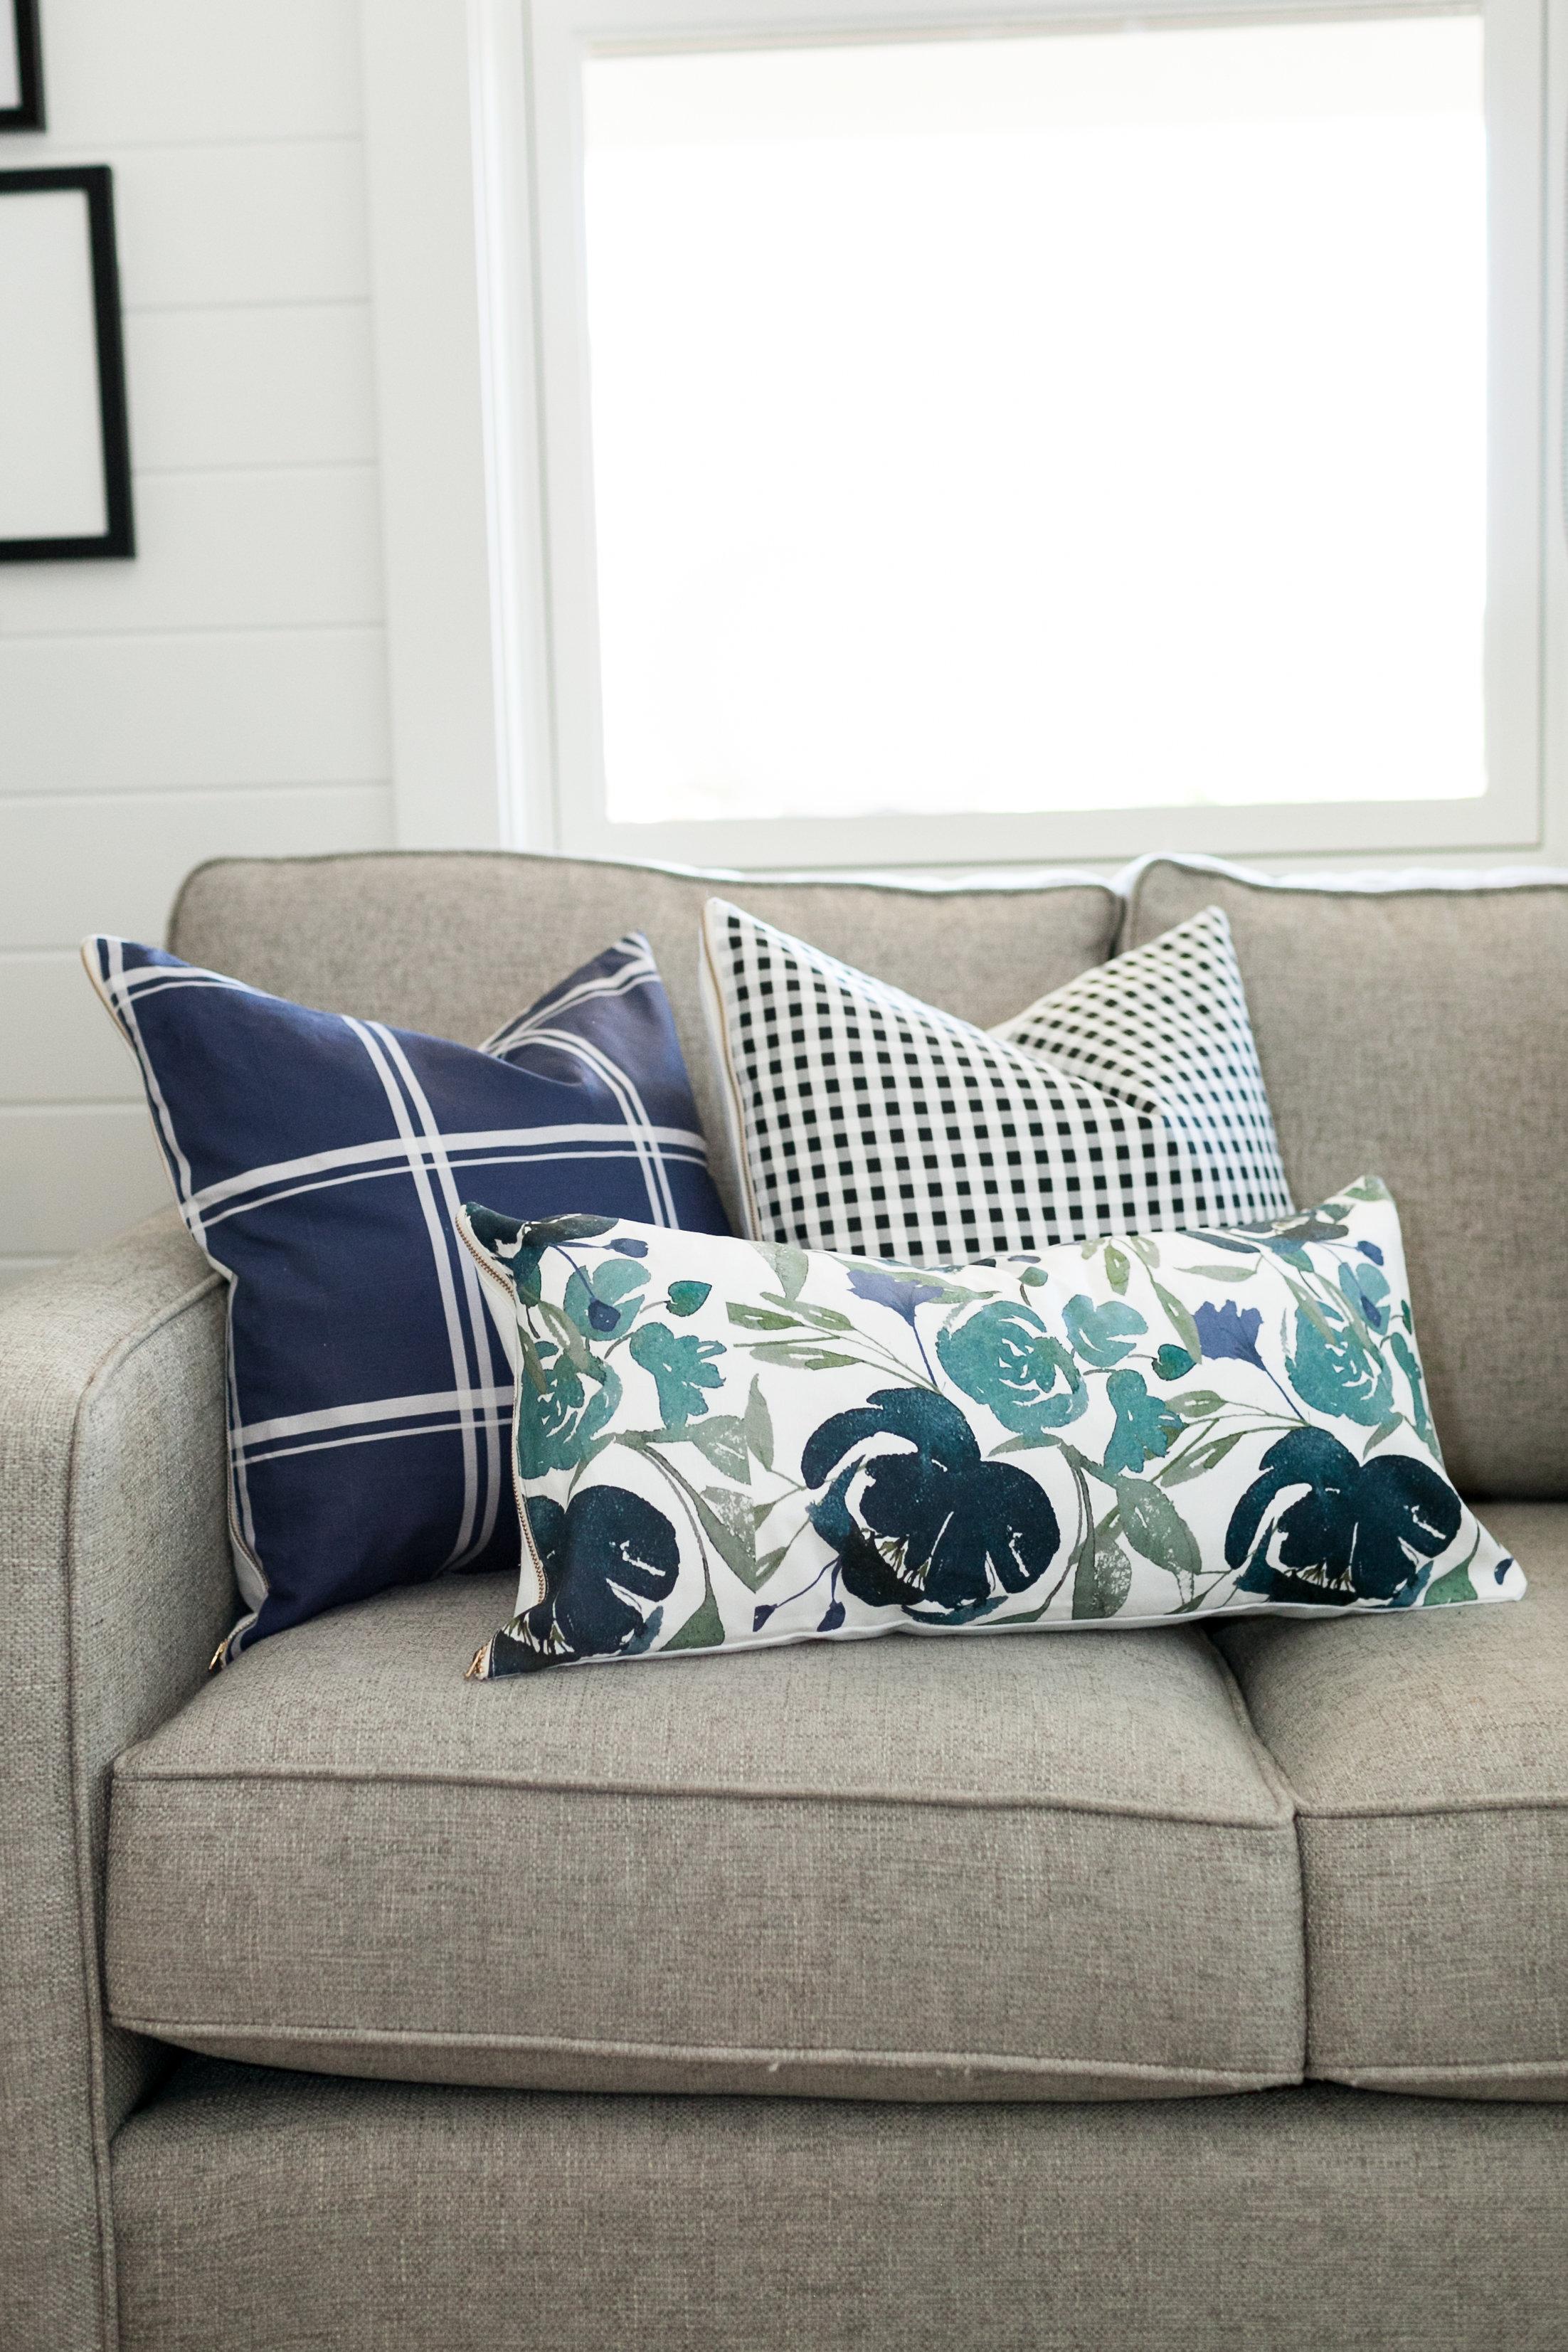 L&D-Pillows-16.jpg